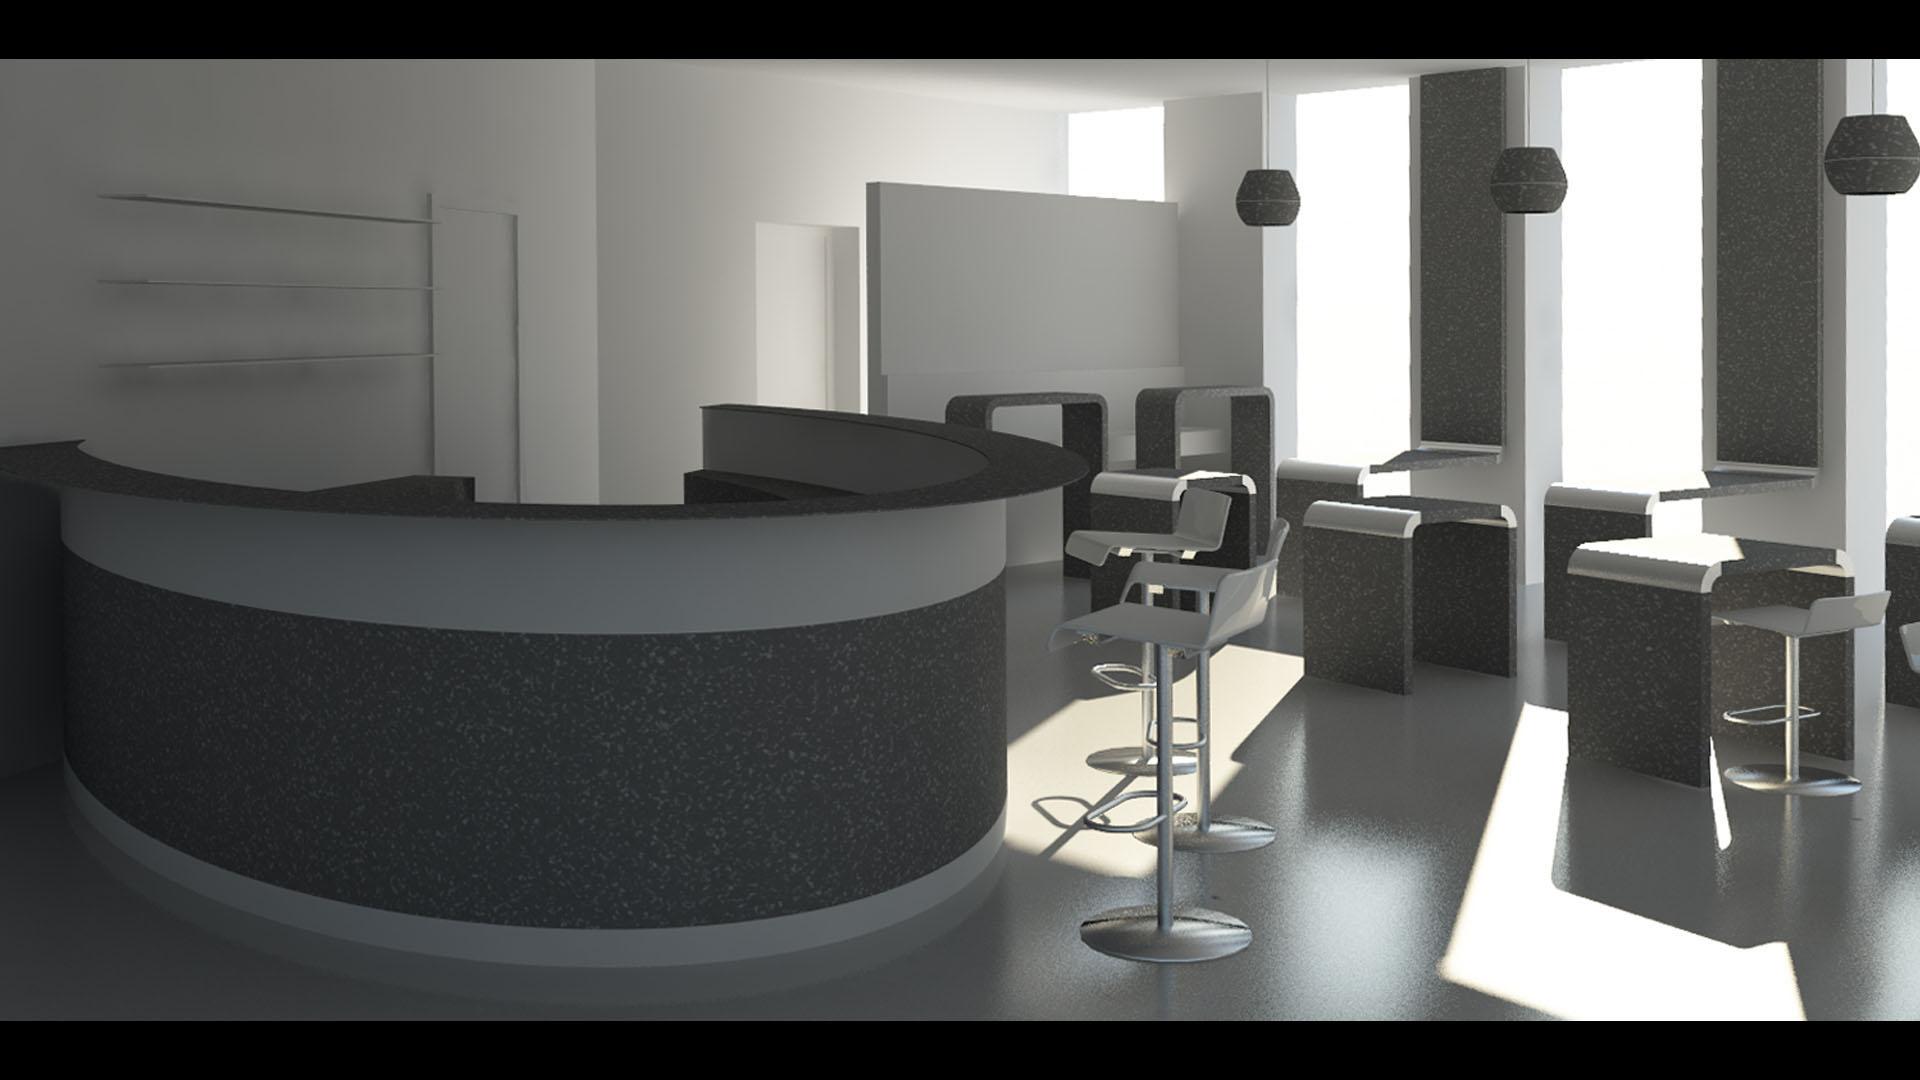 MAASS-Lichtplanung_Gestaltungskonzept Bar__MAASS-Poseidon-Bar-011